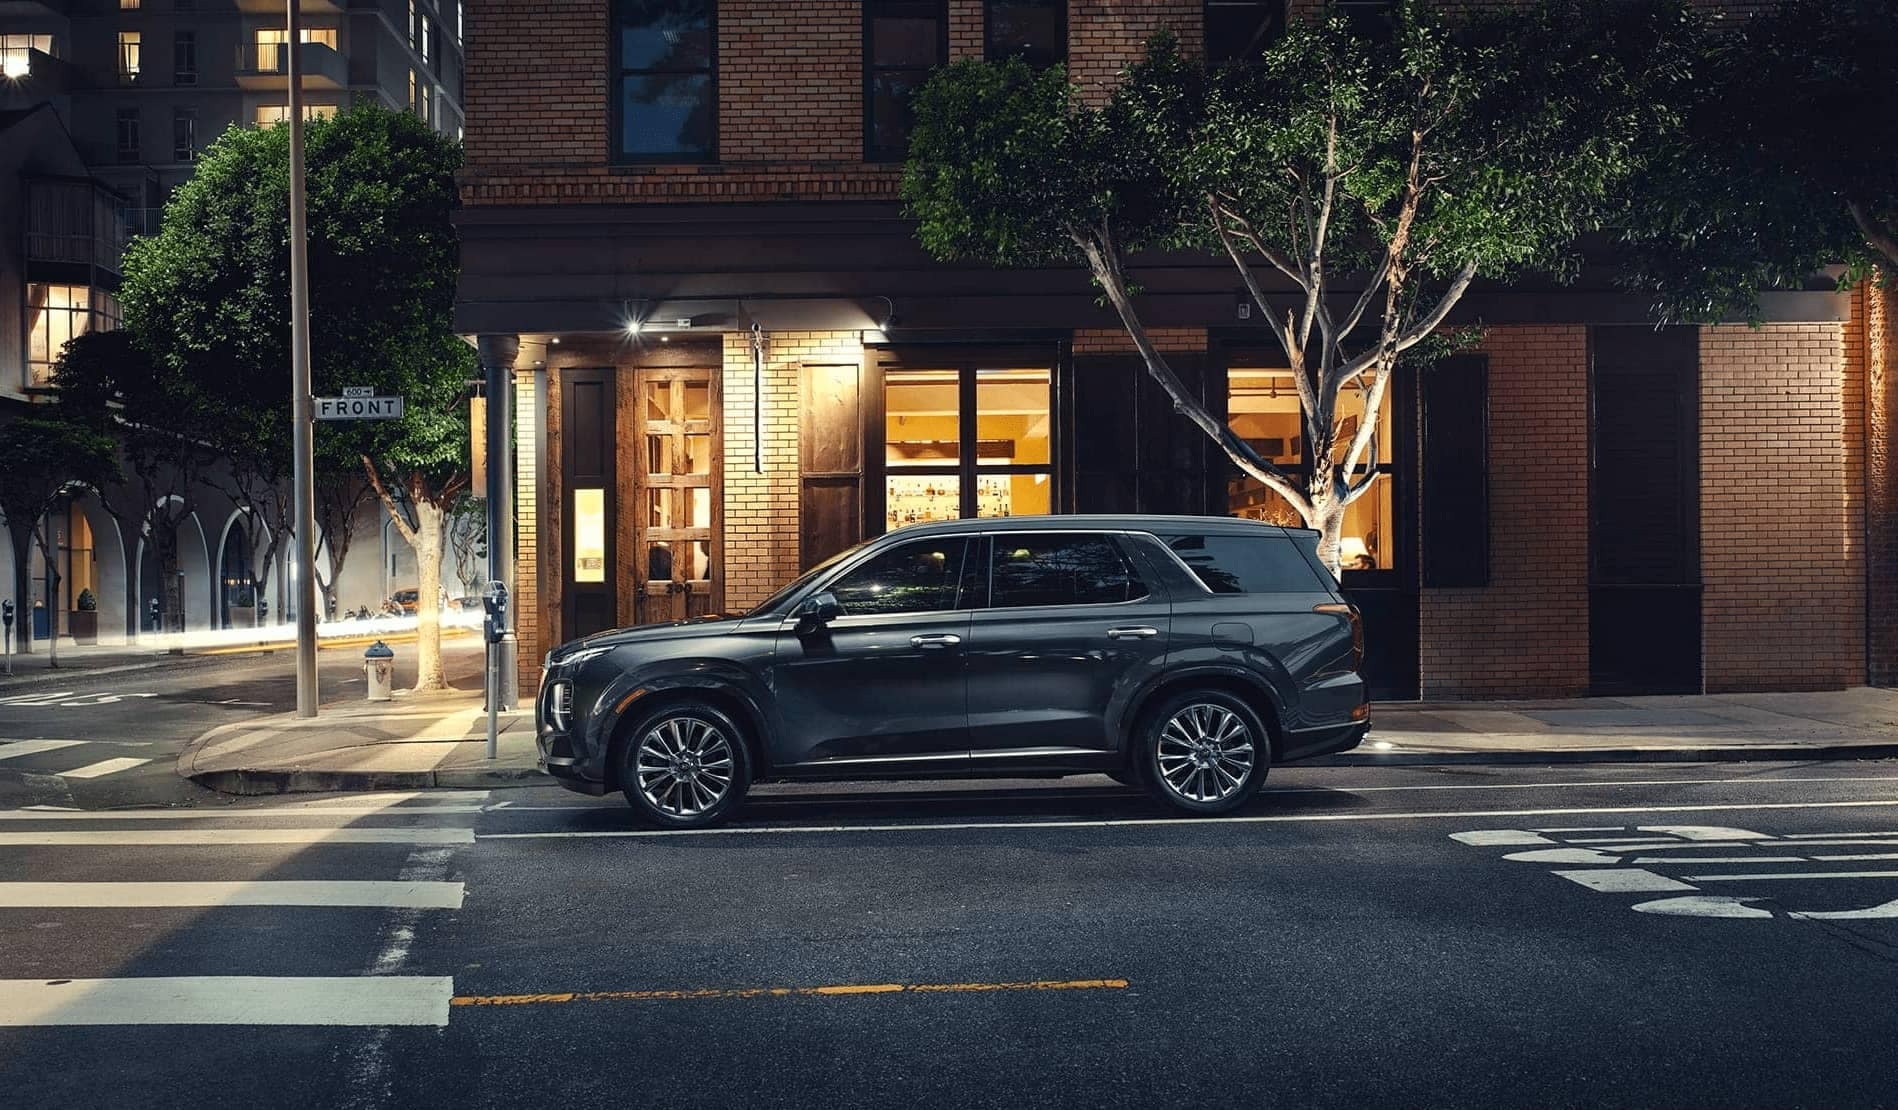 Hyundai Palisade at street light